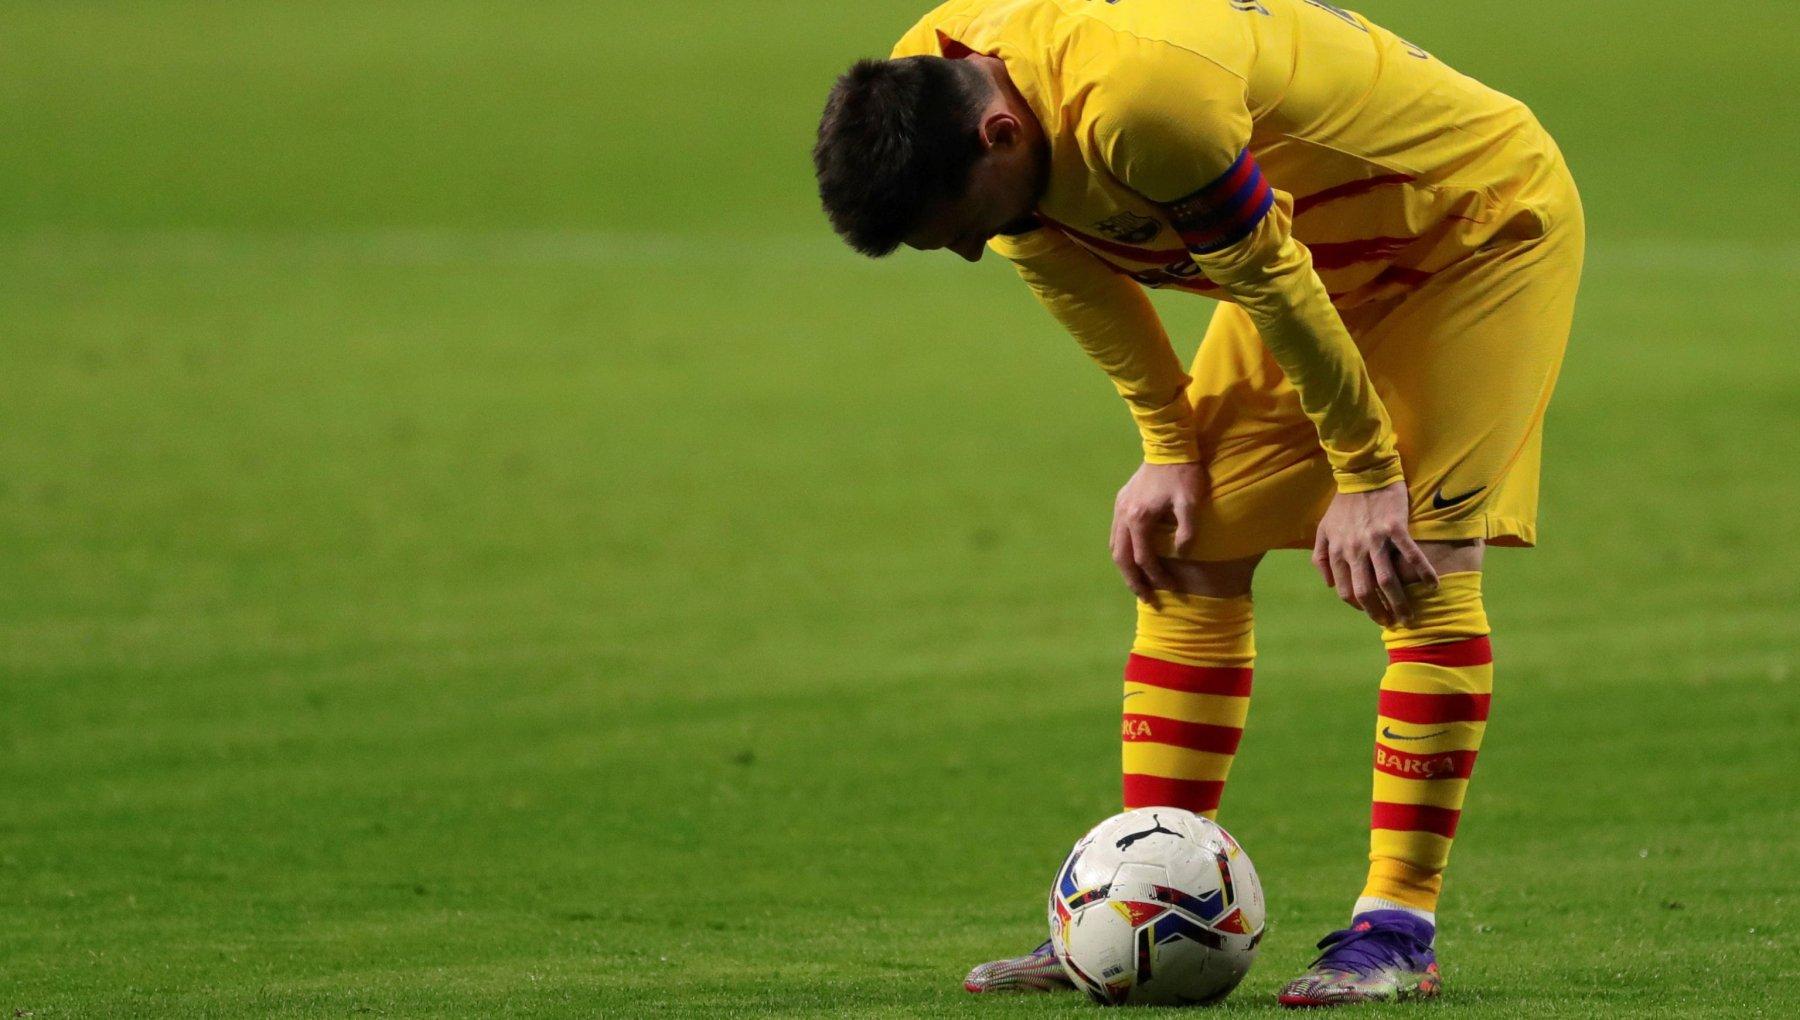 Lapatia di Messi e la lotta per il Barcellona ecco perche la crisi di Leo puo cambiare il calcio